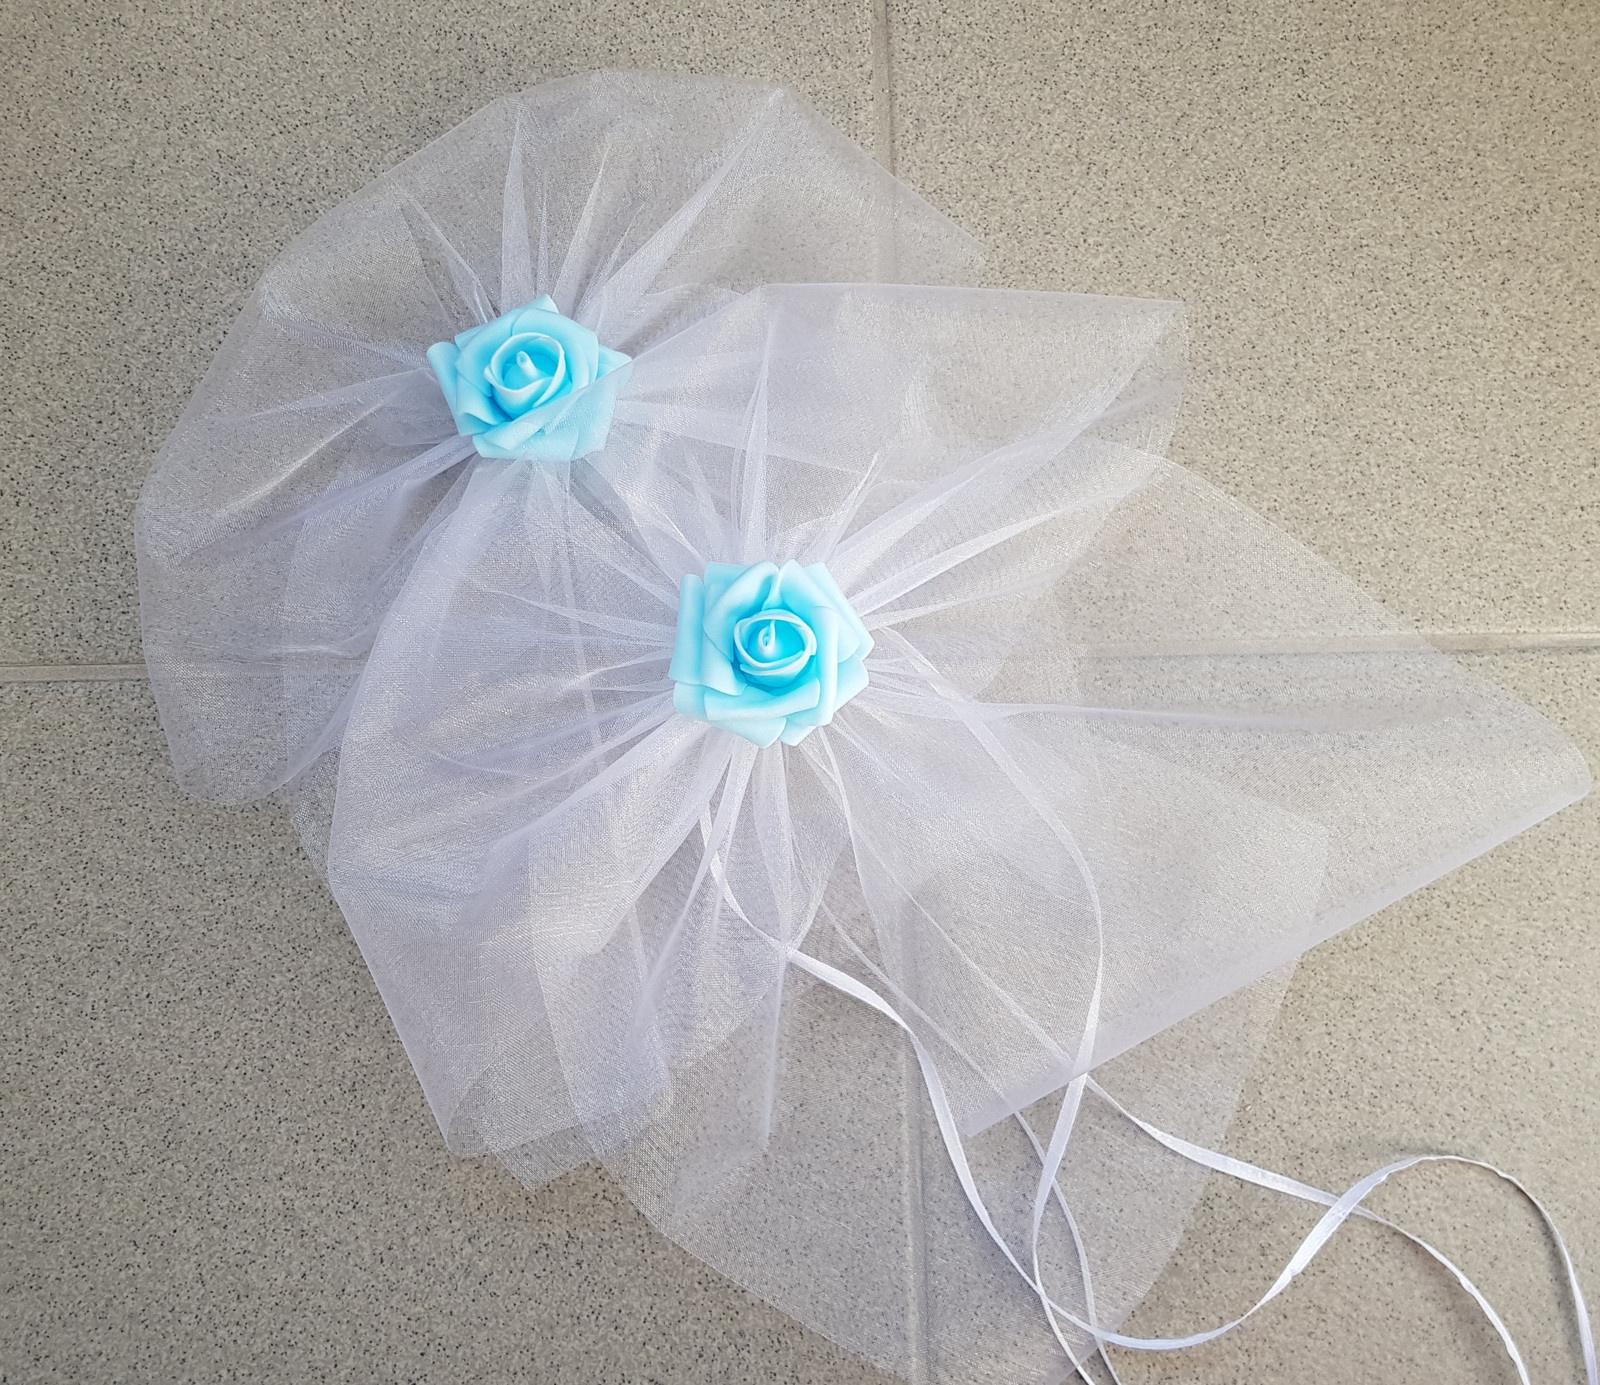 Bílá mašle na zrcátka/kliky modrá květinka L - Obrázek č. 1